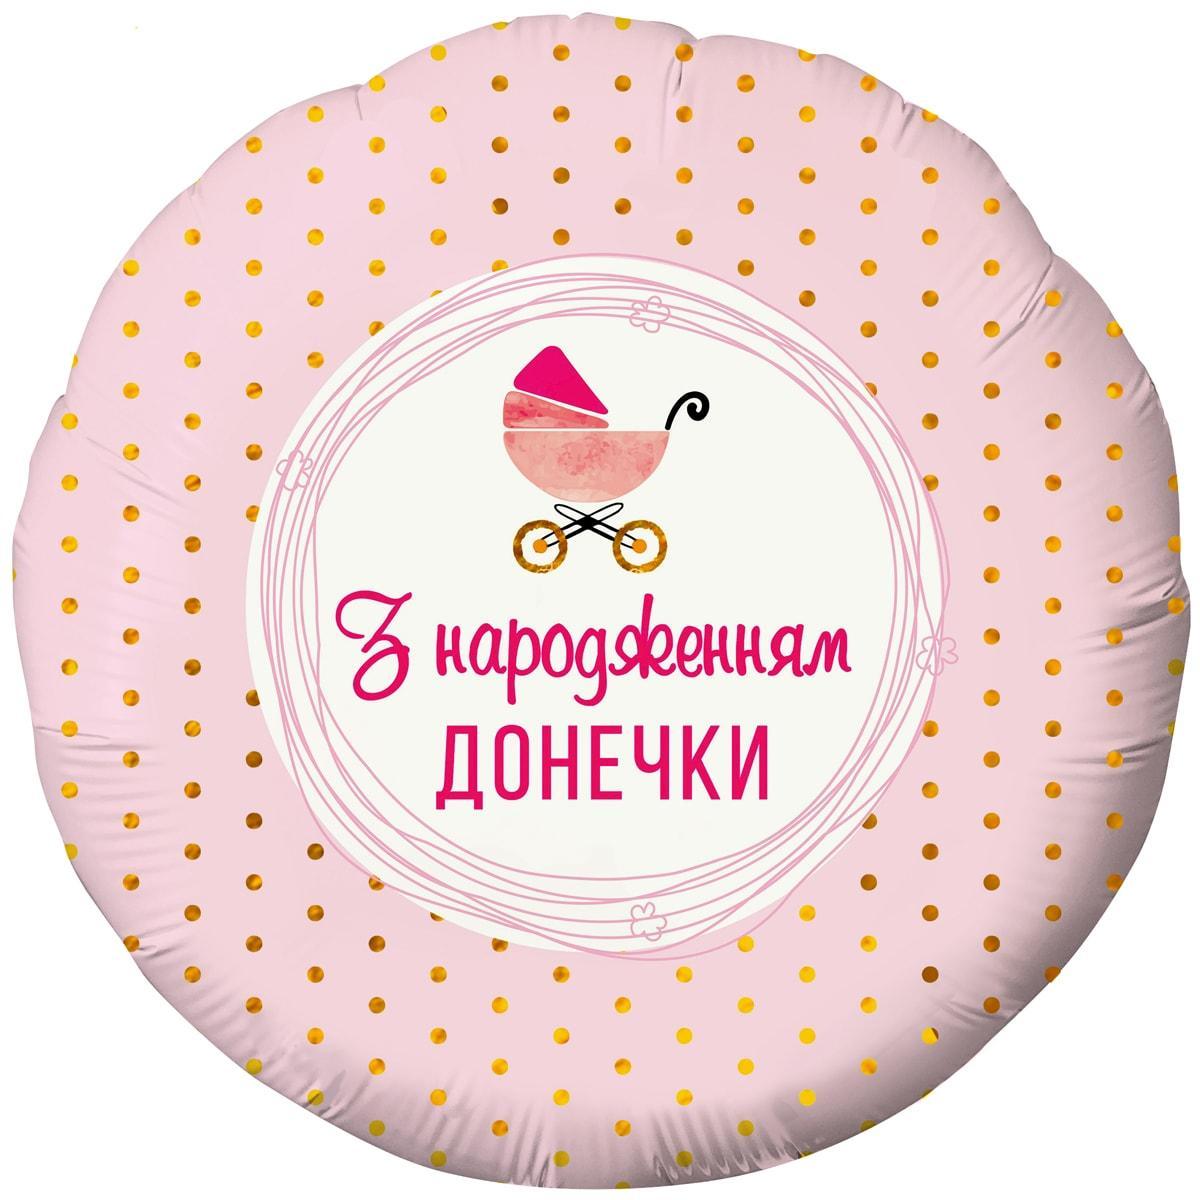 """Кулька 18"""" круг фольгована """"З народженням донечки"""" ТМ """"Агура"""" малюнок шт."""